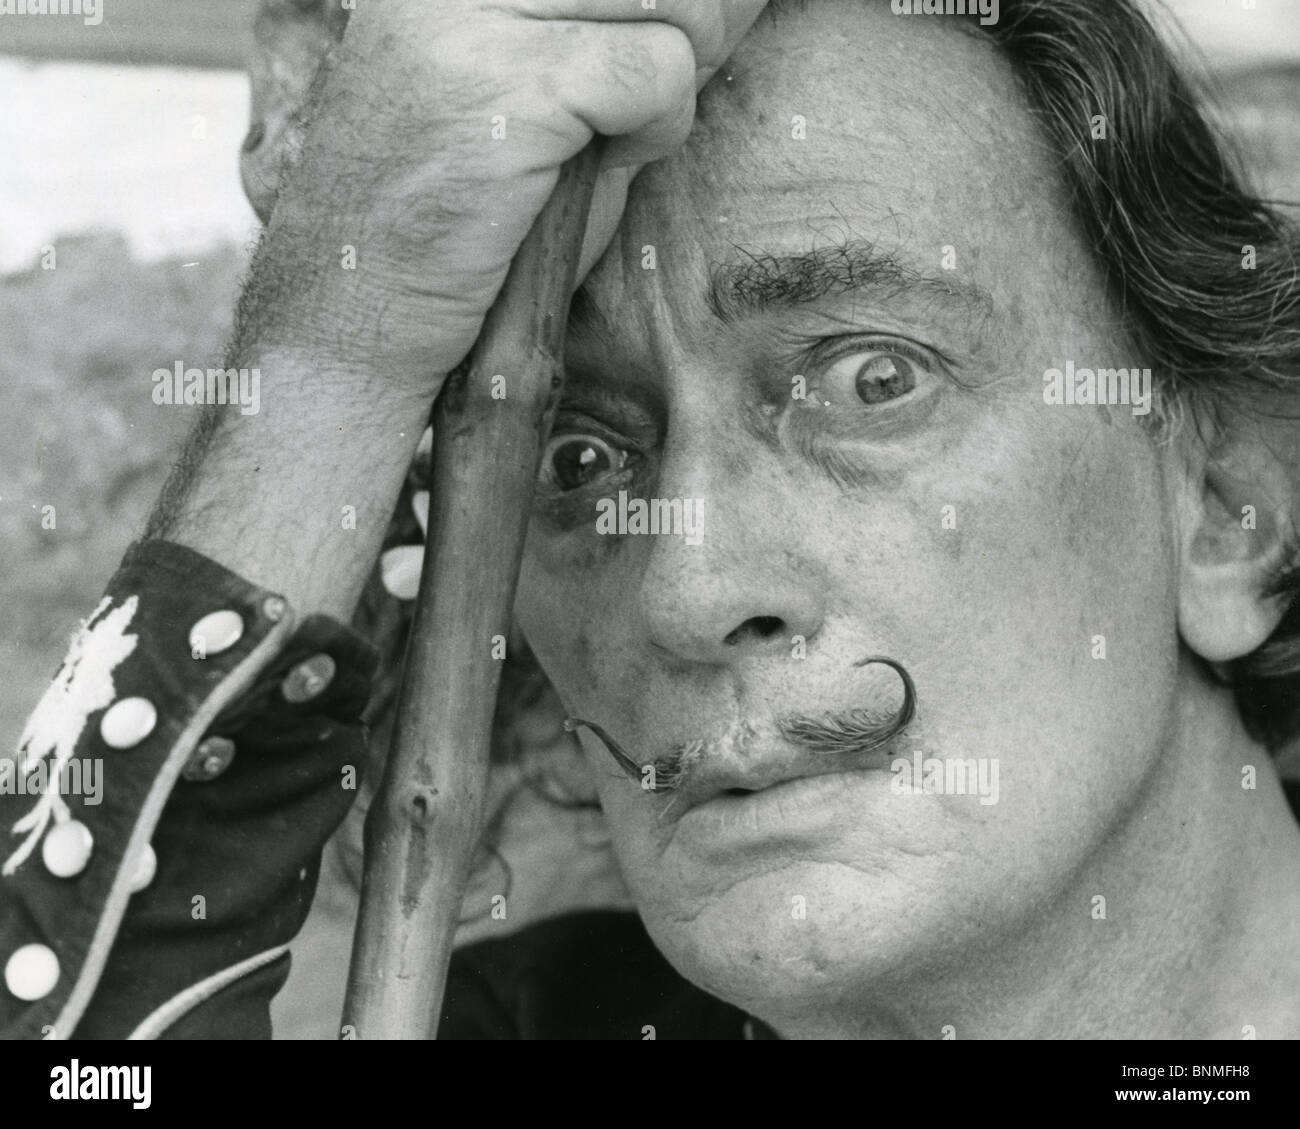 SALVADOR DALÍ (1984-1989), artista español Foto de stock